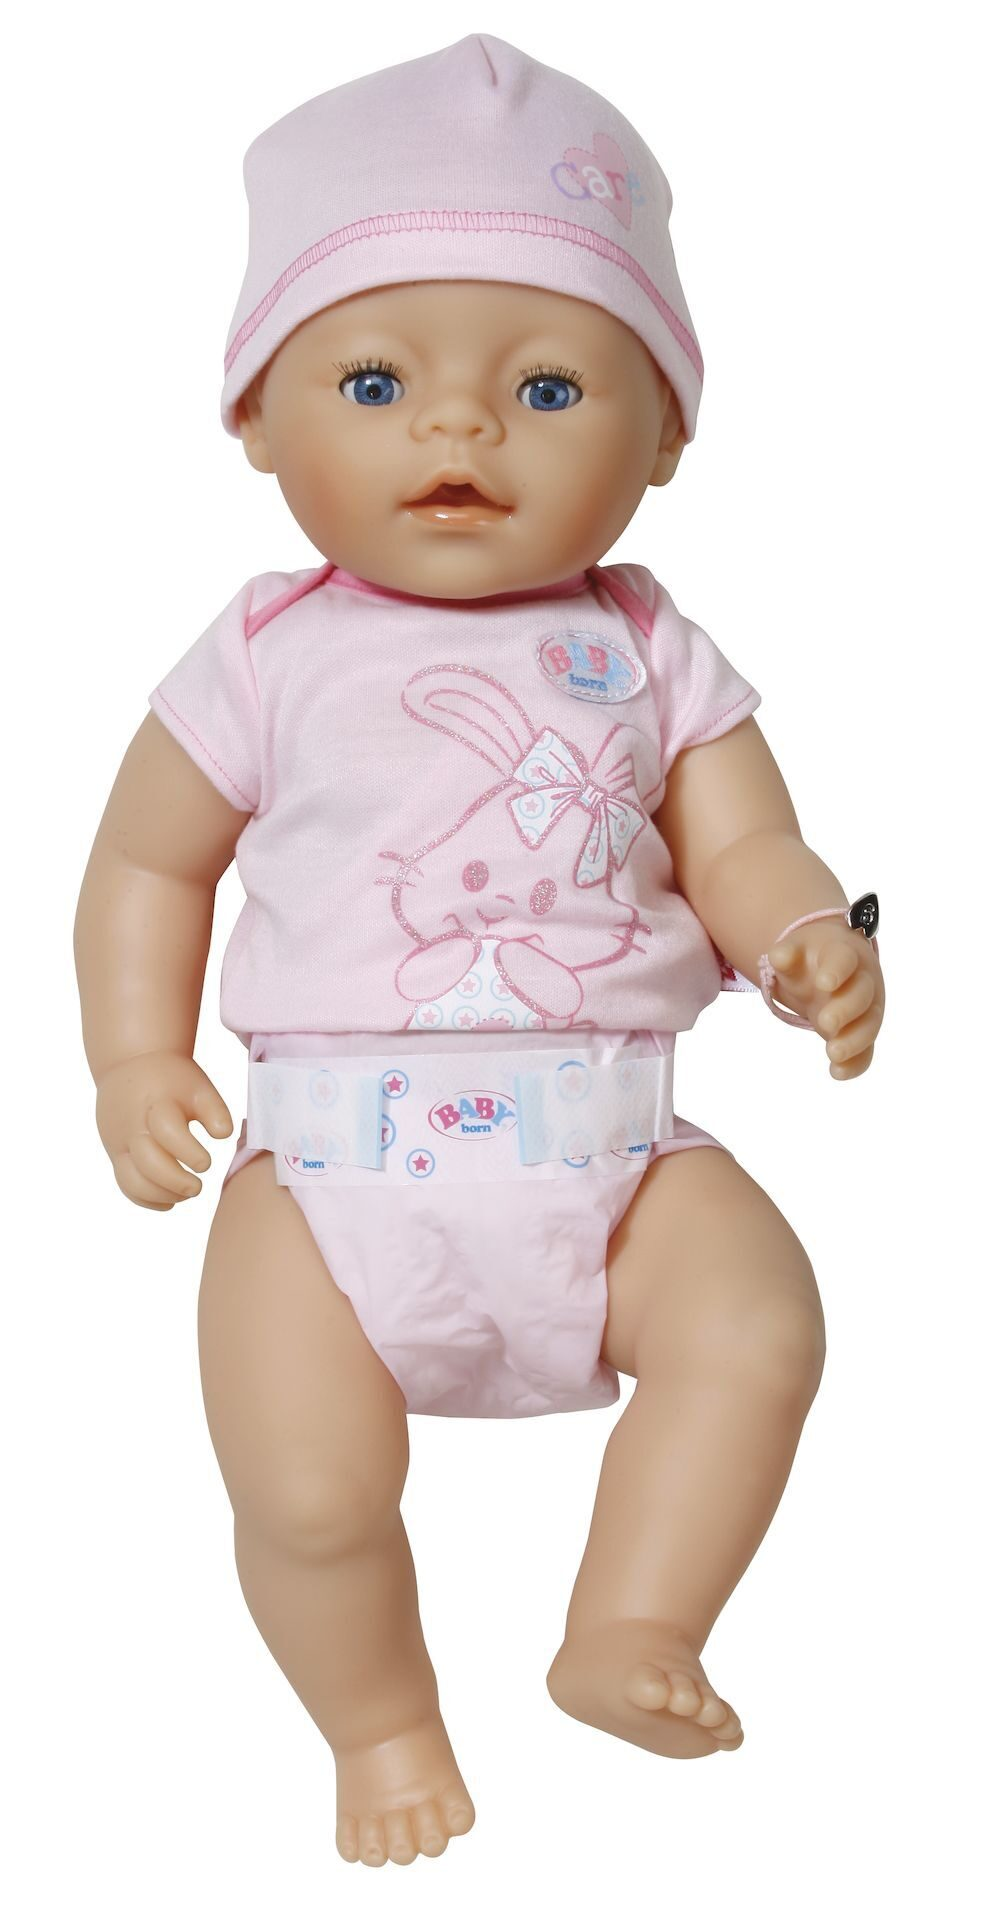 кукла беби бон новые можете скрыть информацию